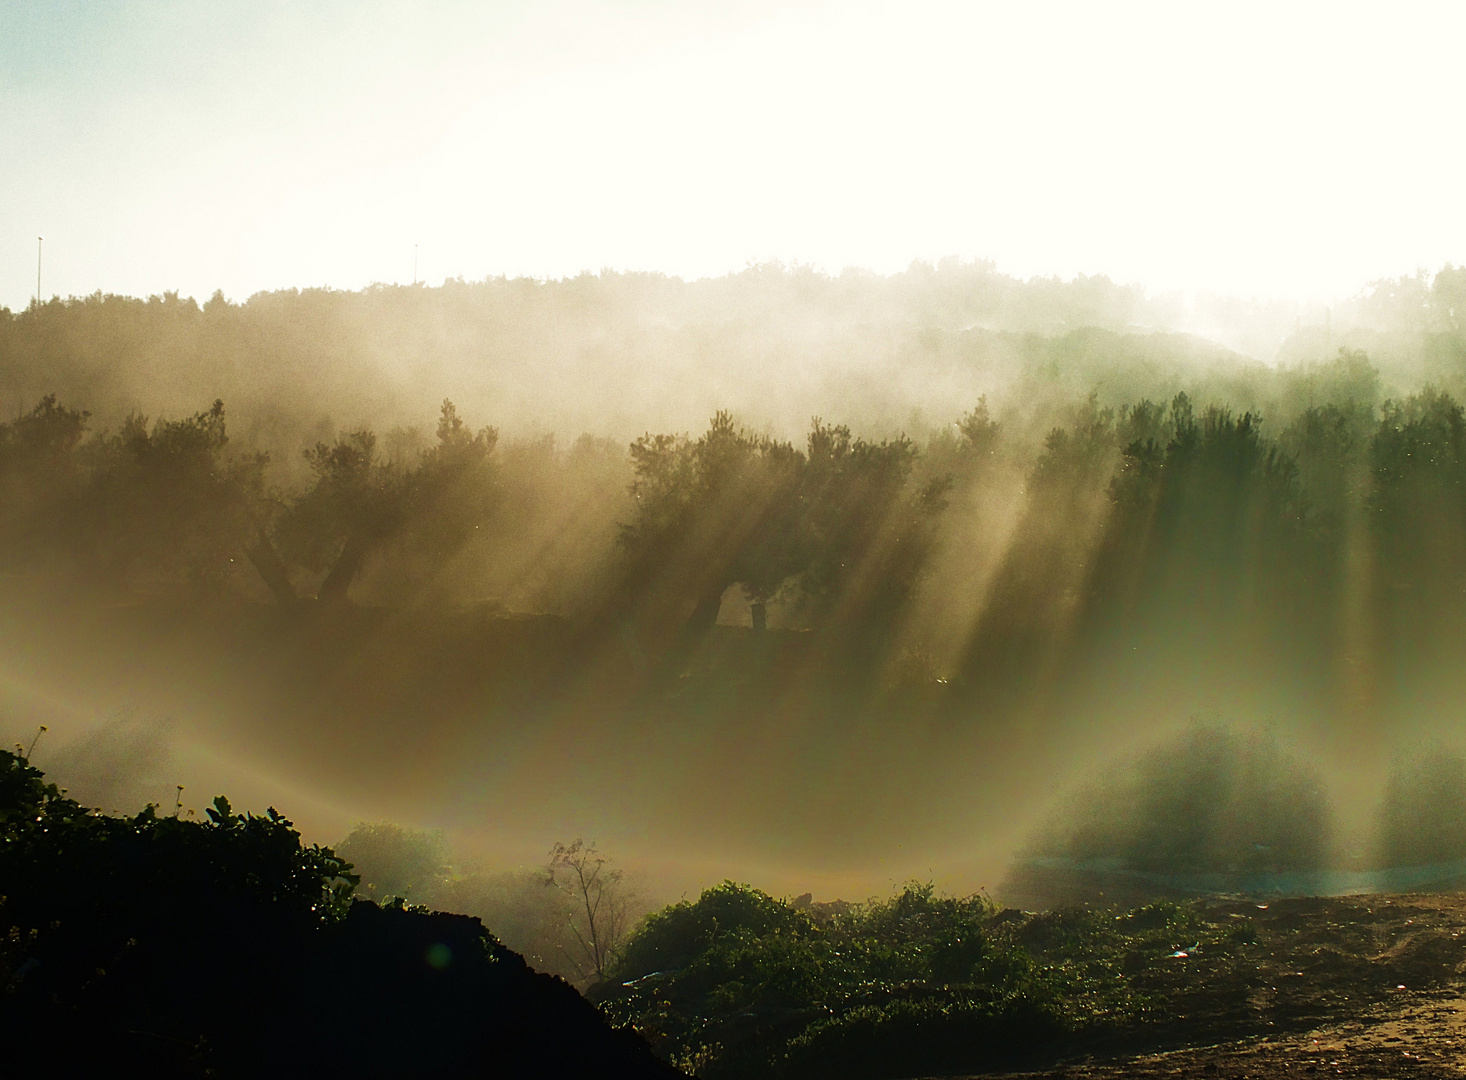 Amanecer entre niebla y olivos.